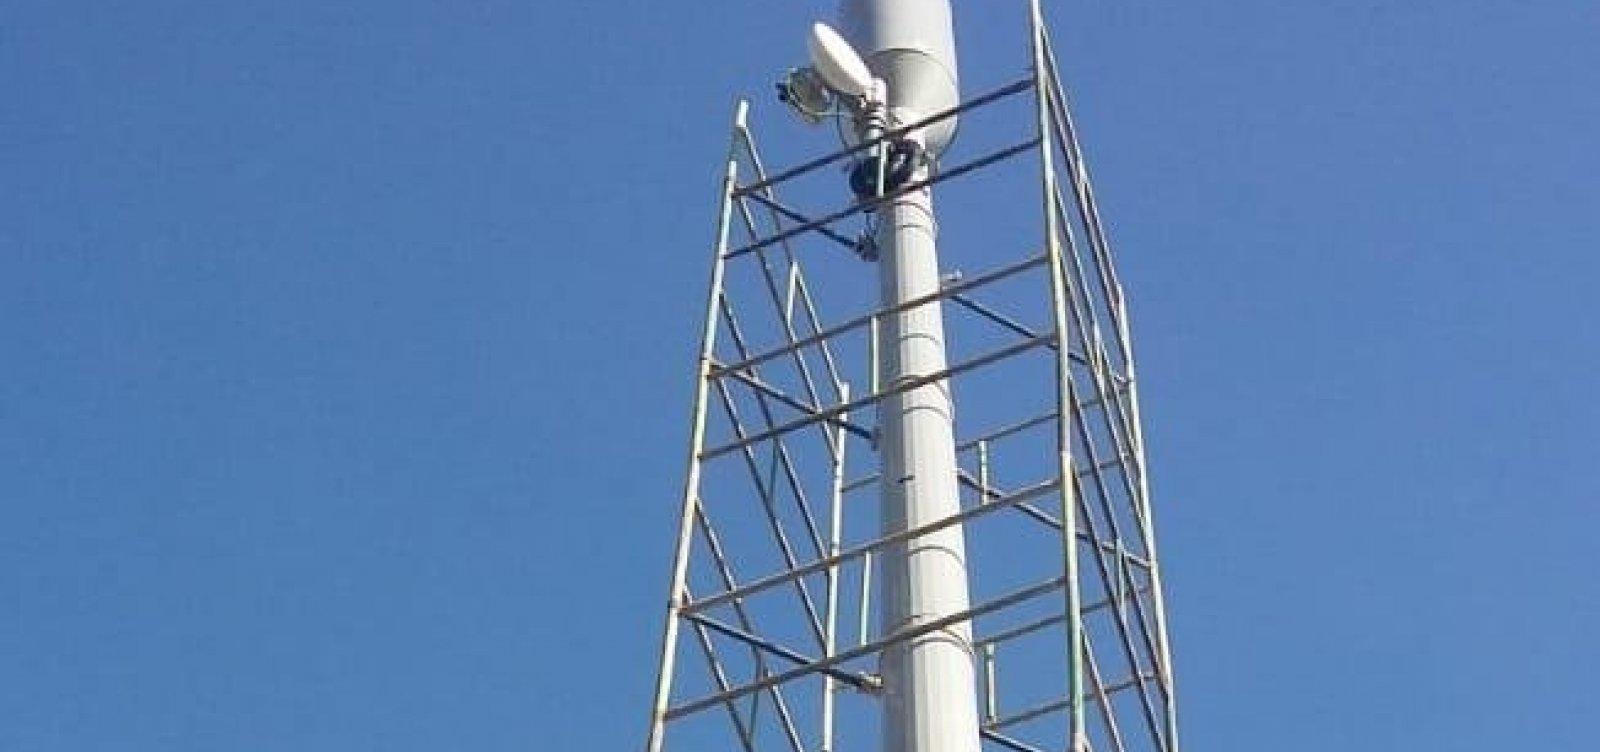 [Prefeitura determina que torre clandestina da Tim seja removida até sexta]